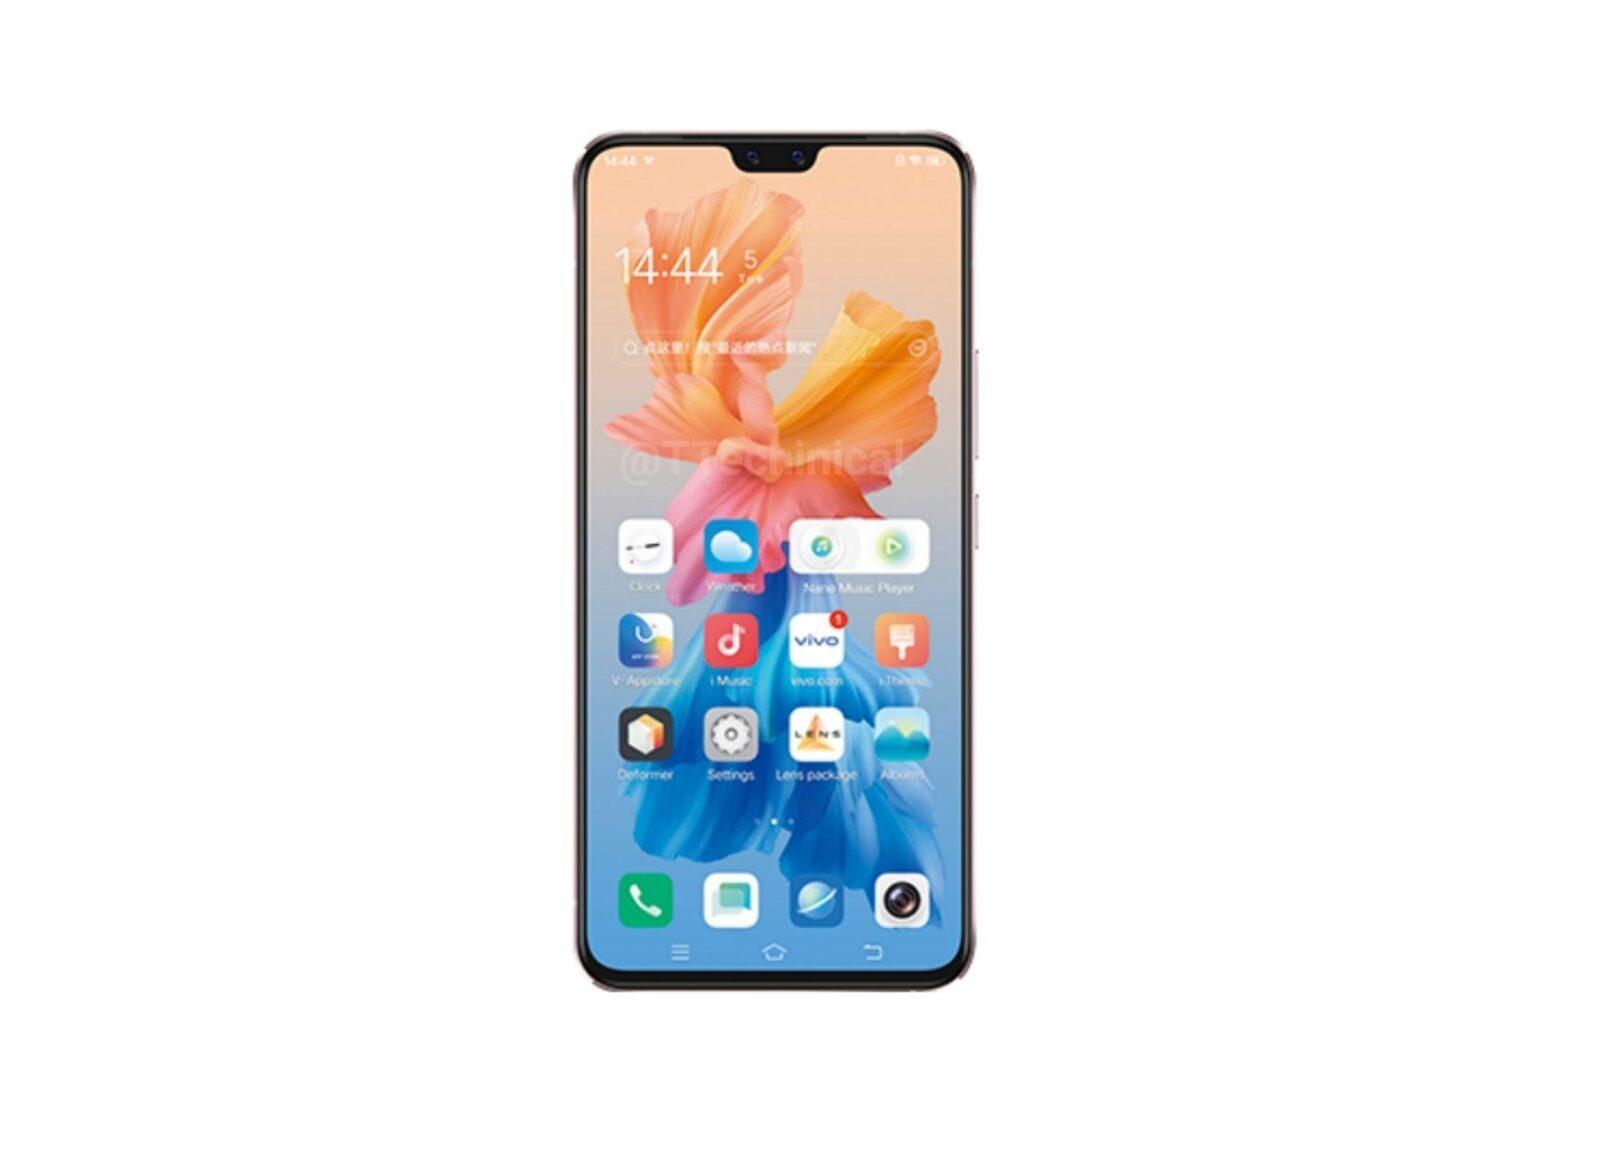 В сеть просочились ключевые характеристики смартфона Vivo S9 5G (vivo v2027a)